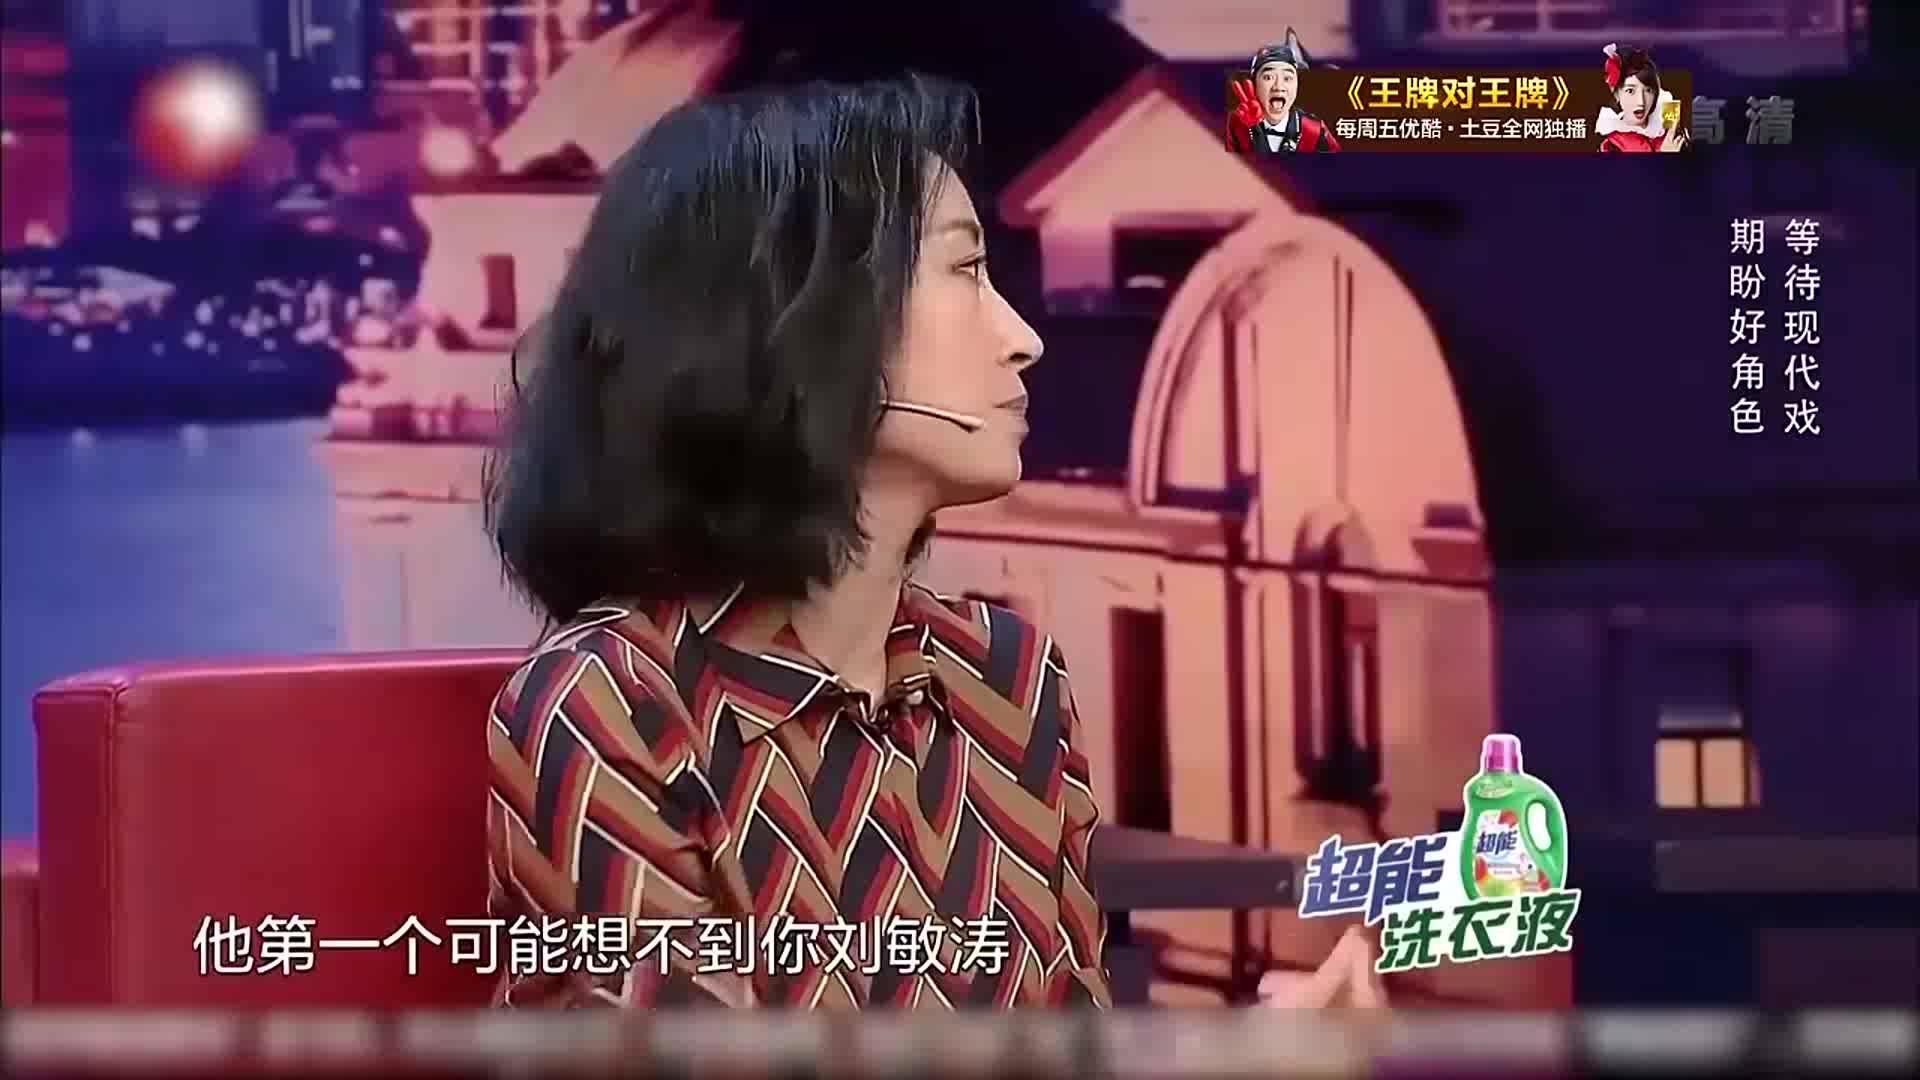 金星秀:她为何被称为国民大姐,本来没什么名气,却突然爆红!